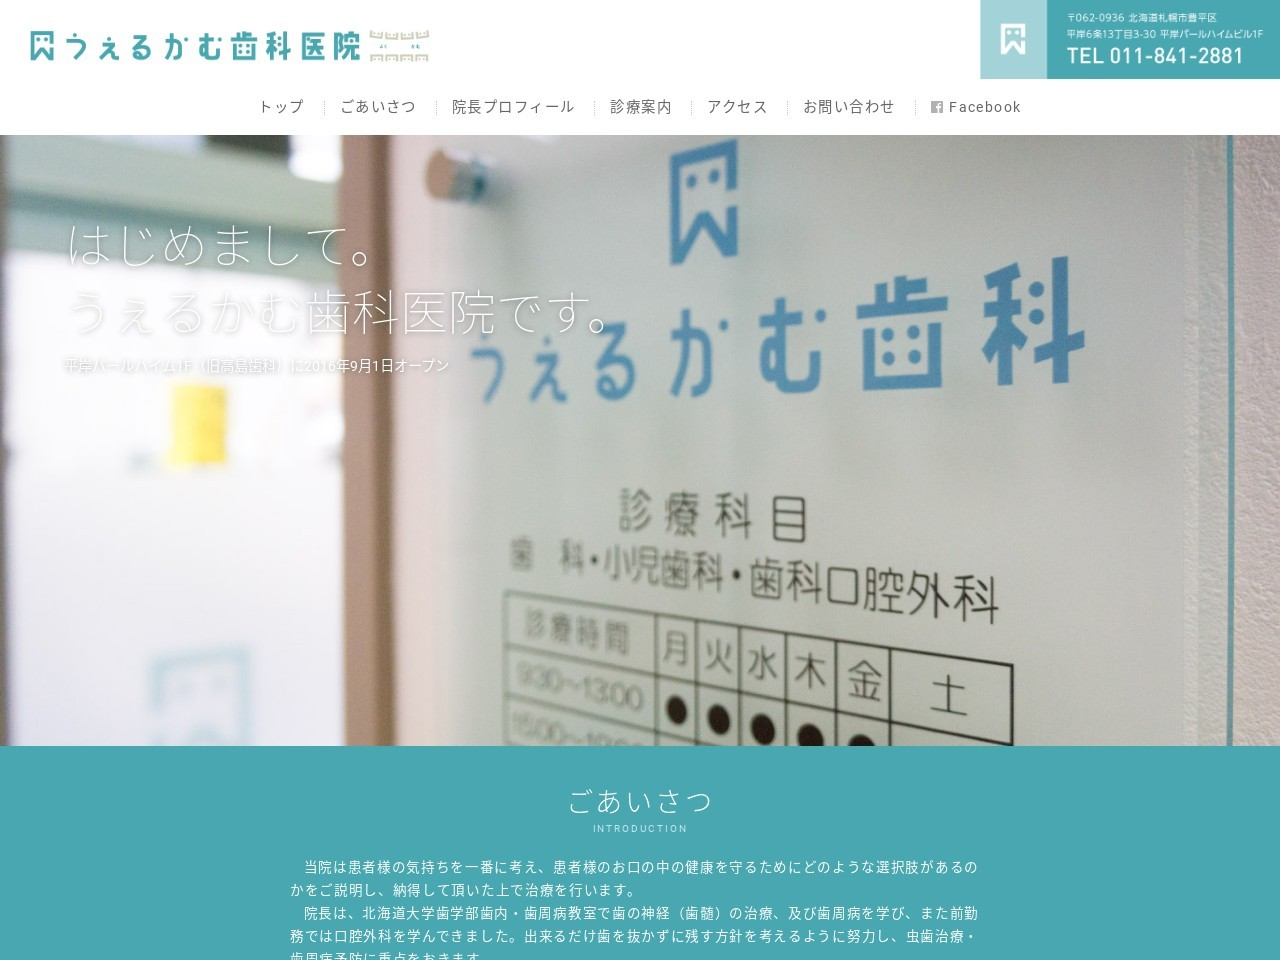 うぇるかむ歯科医院 (北海道札幌市豊平区)